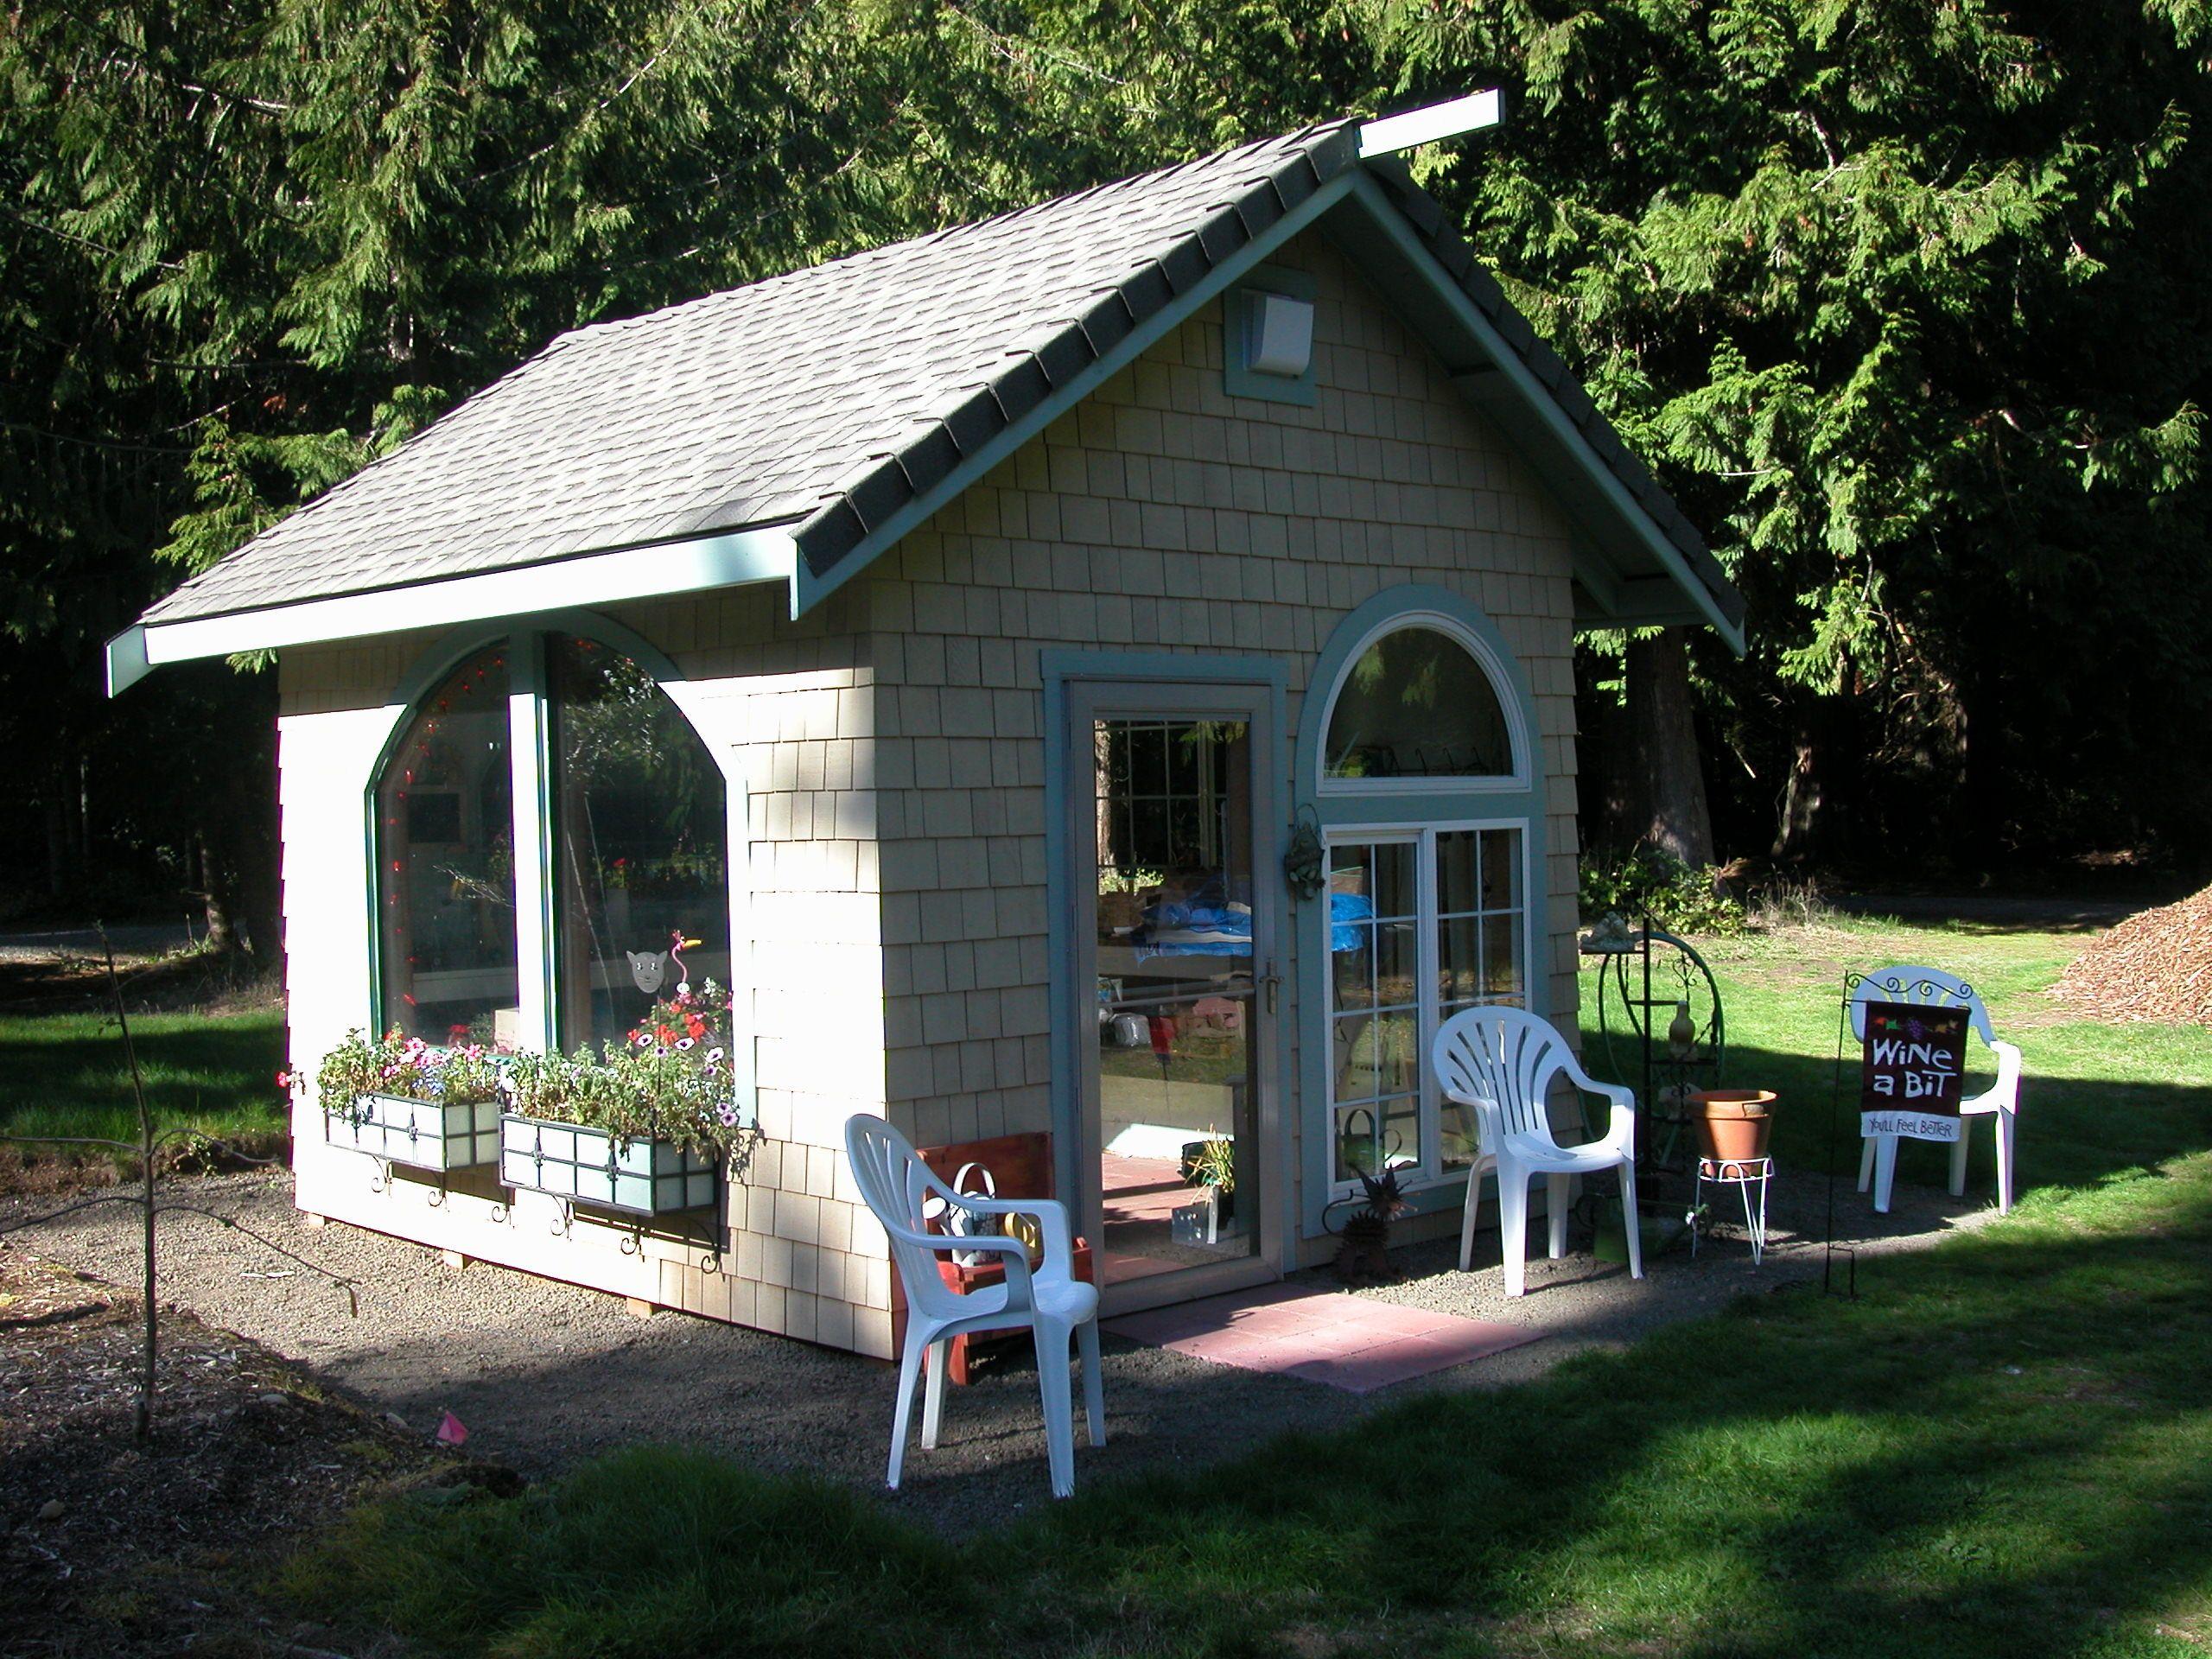 Linda's potting shed, orginal design by LindaG